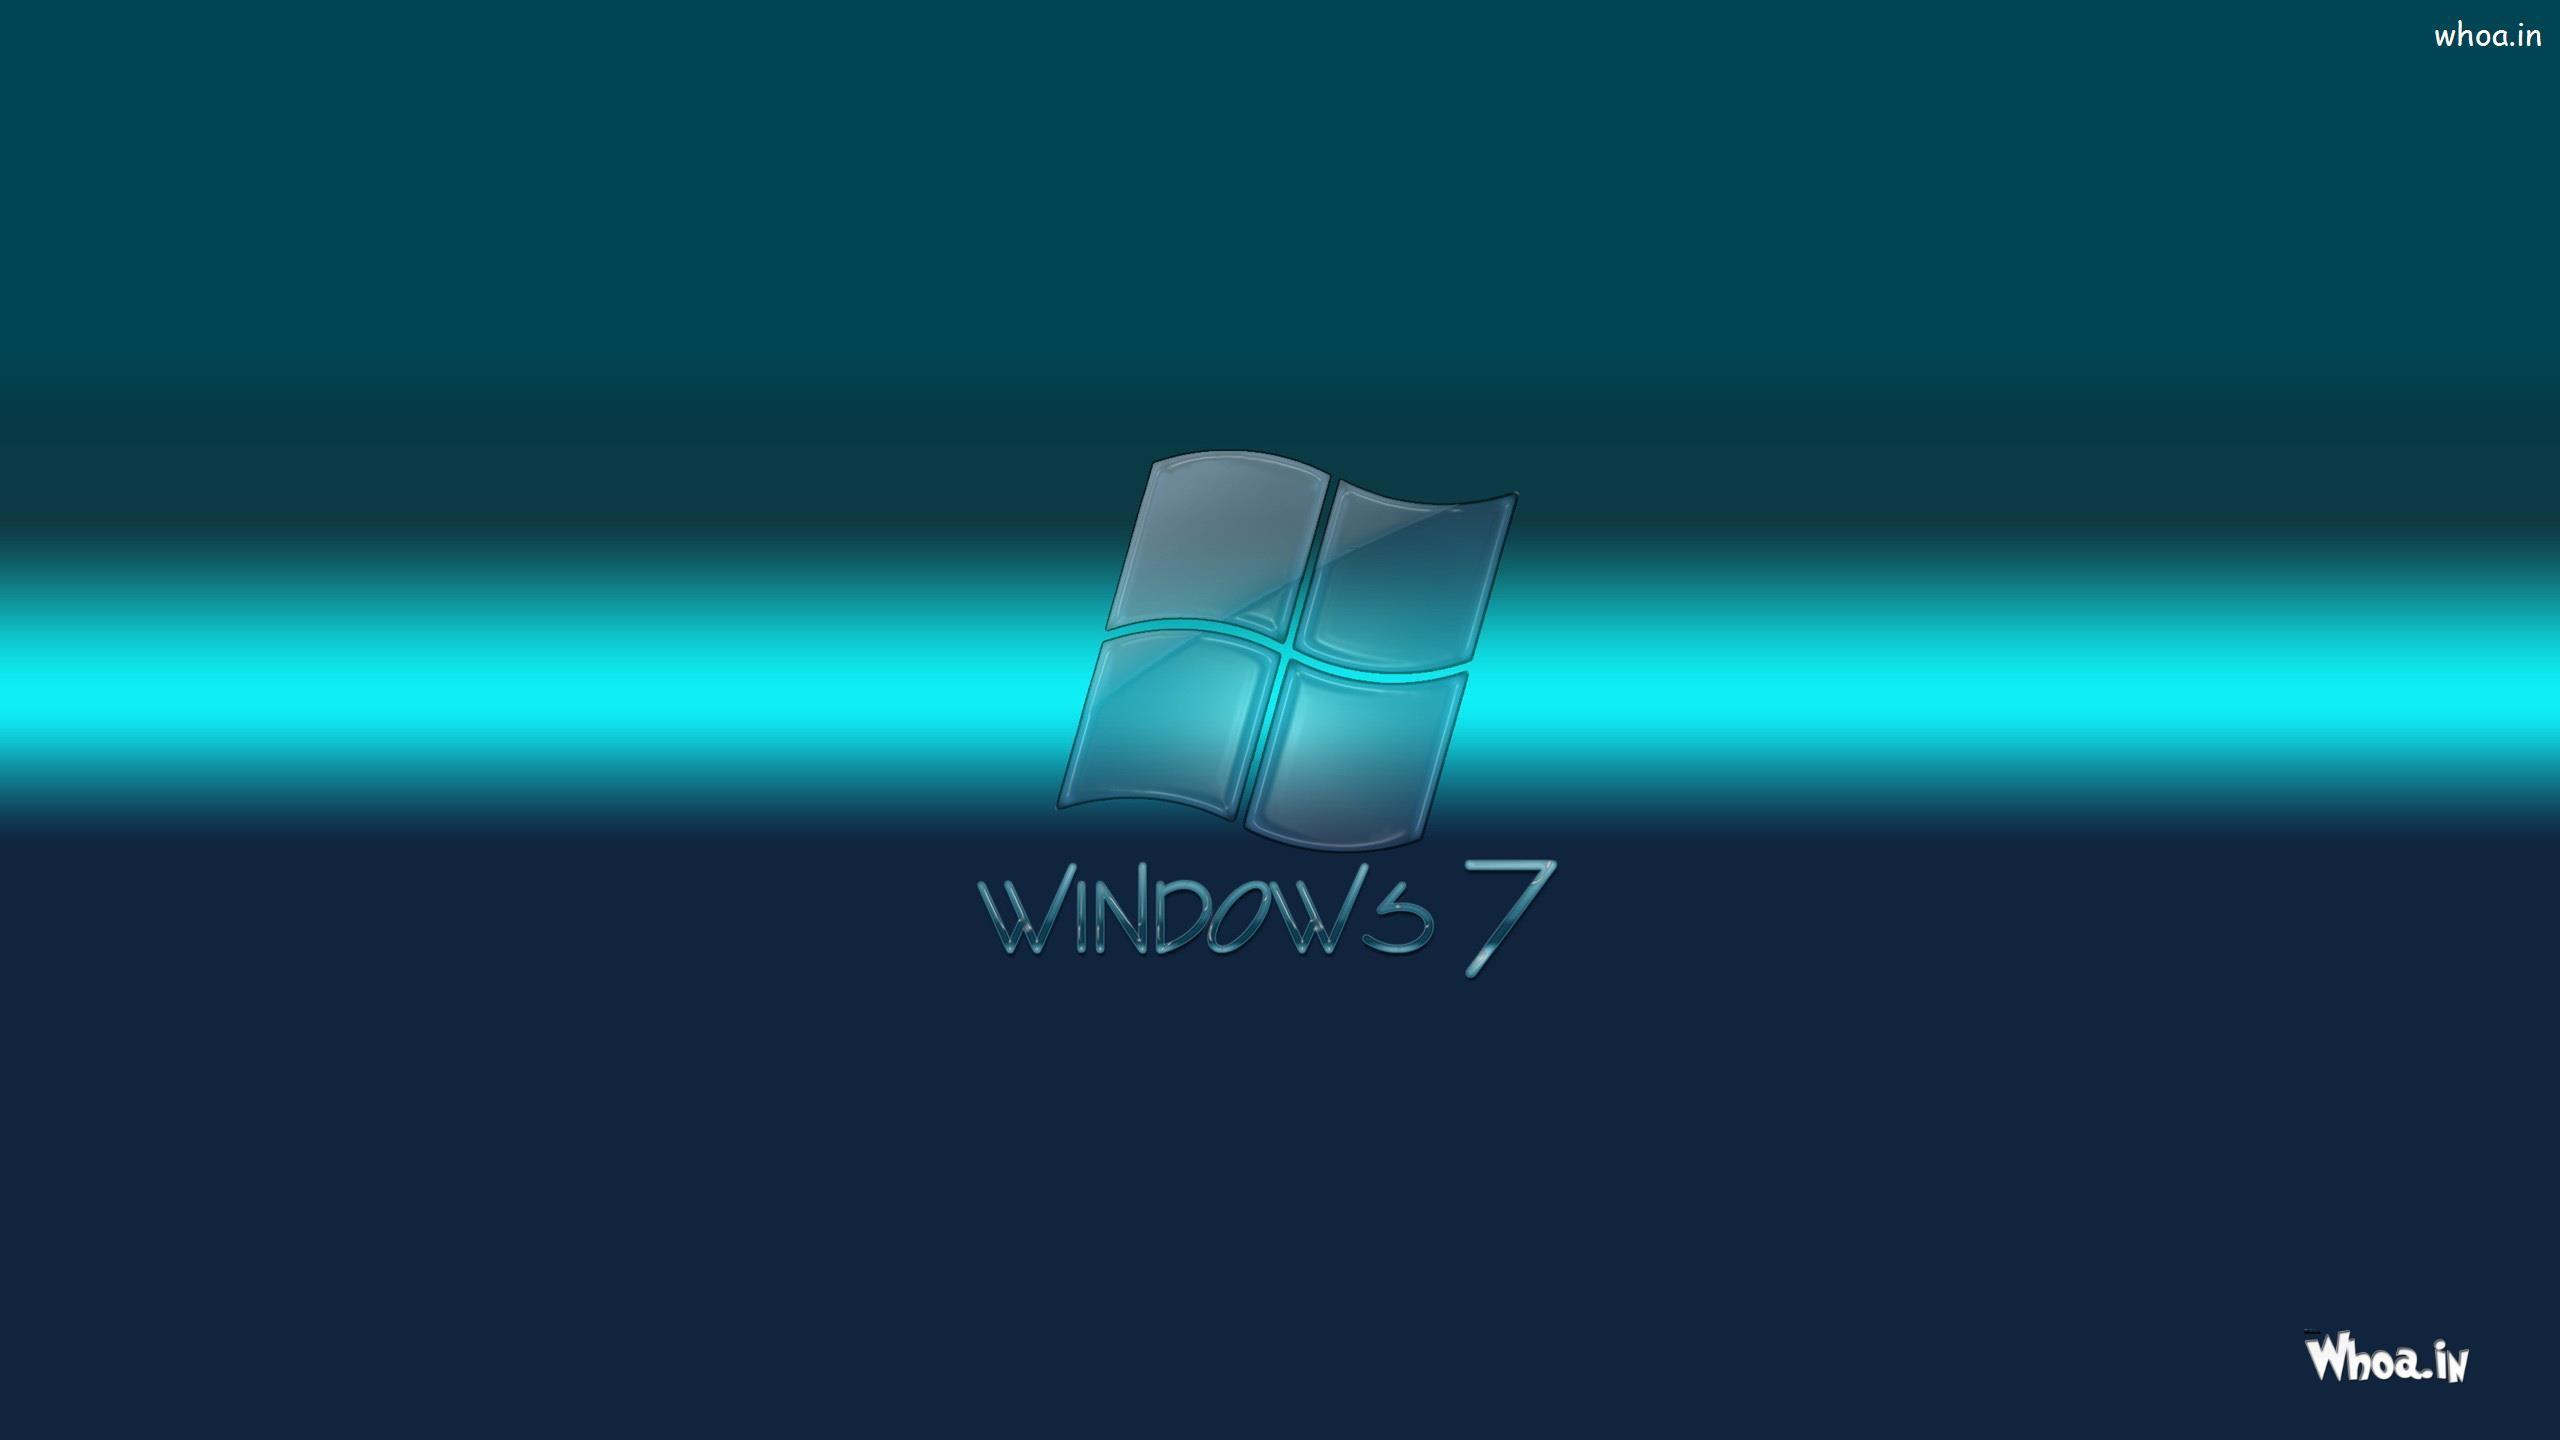 Windows 7 Desktop Backgrounds 71 Images